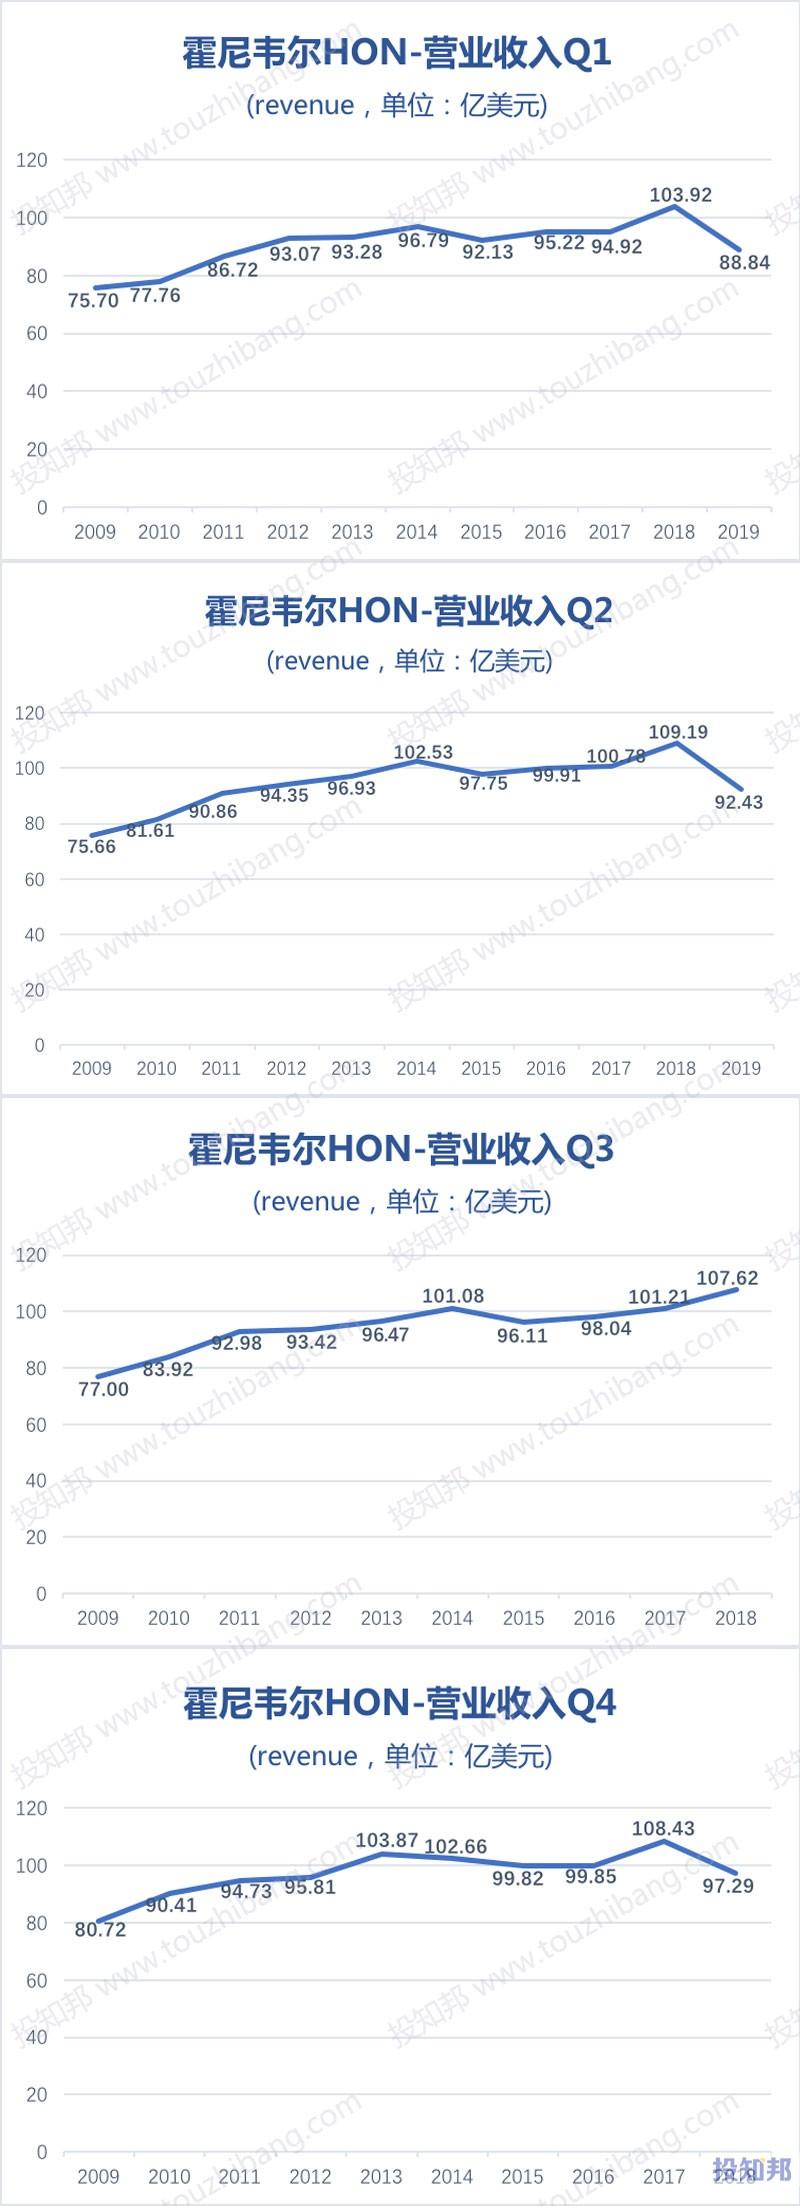 图解霍尼韦尔(HON)财报数据(2009年~2019年Q2)